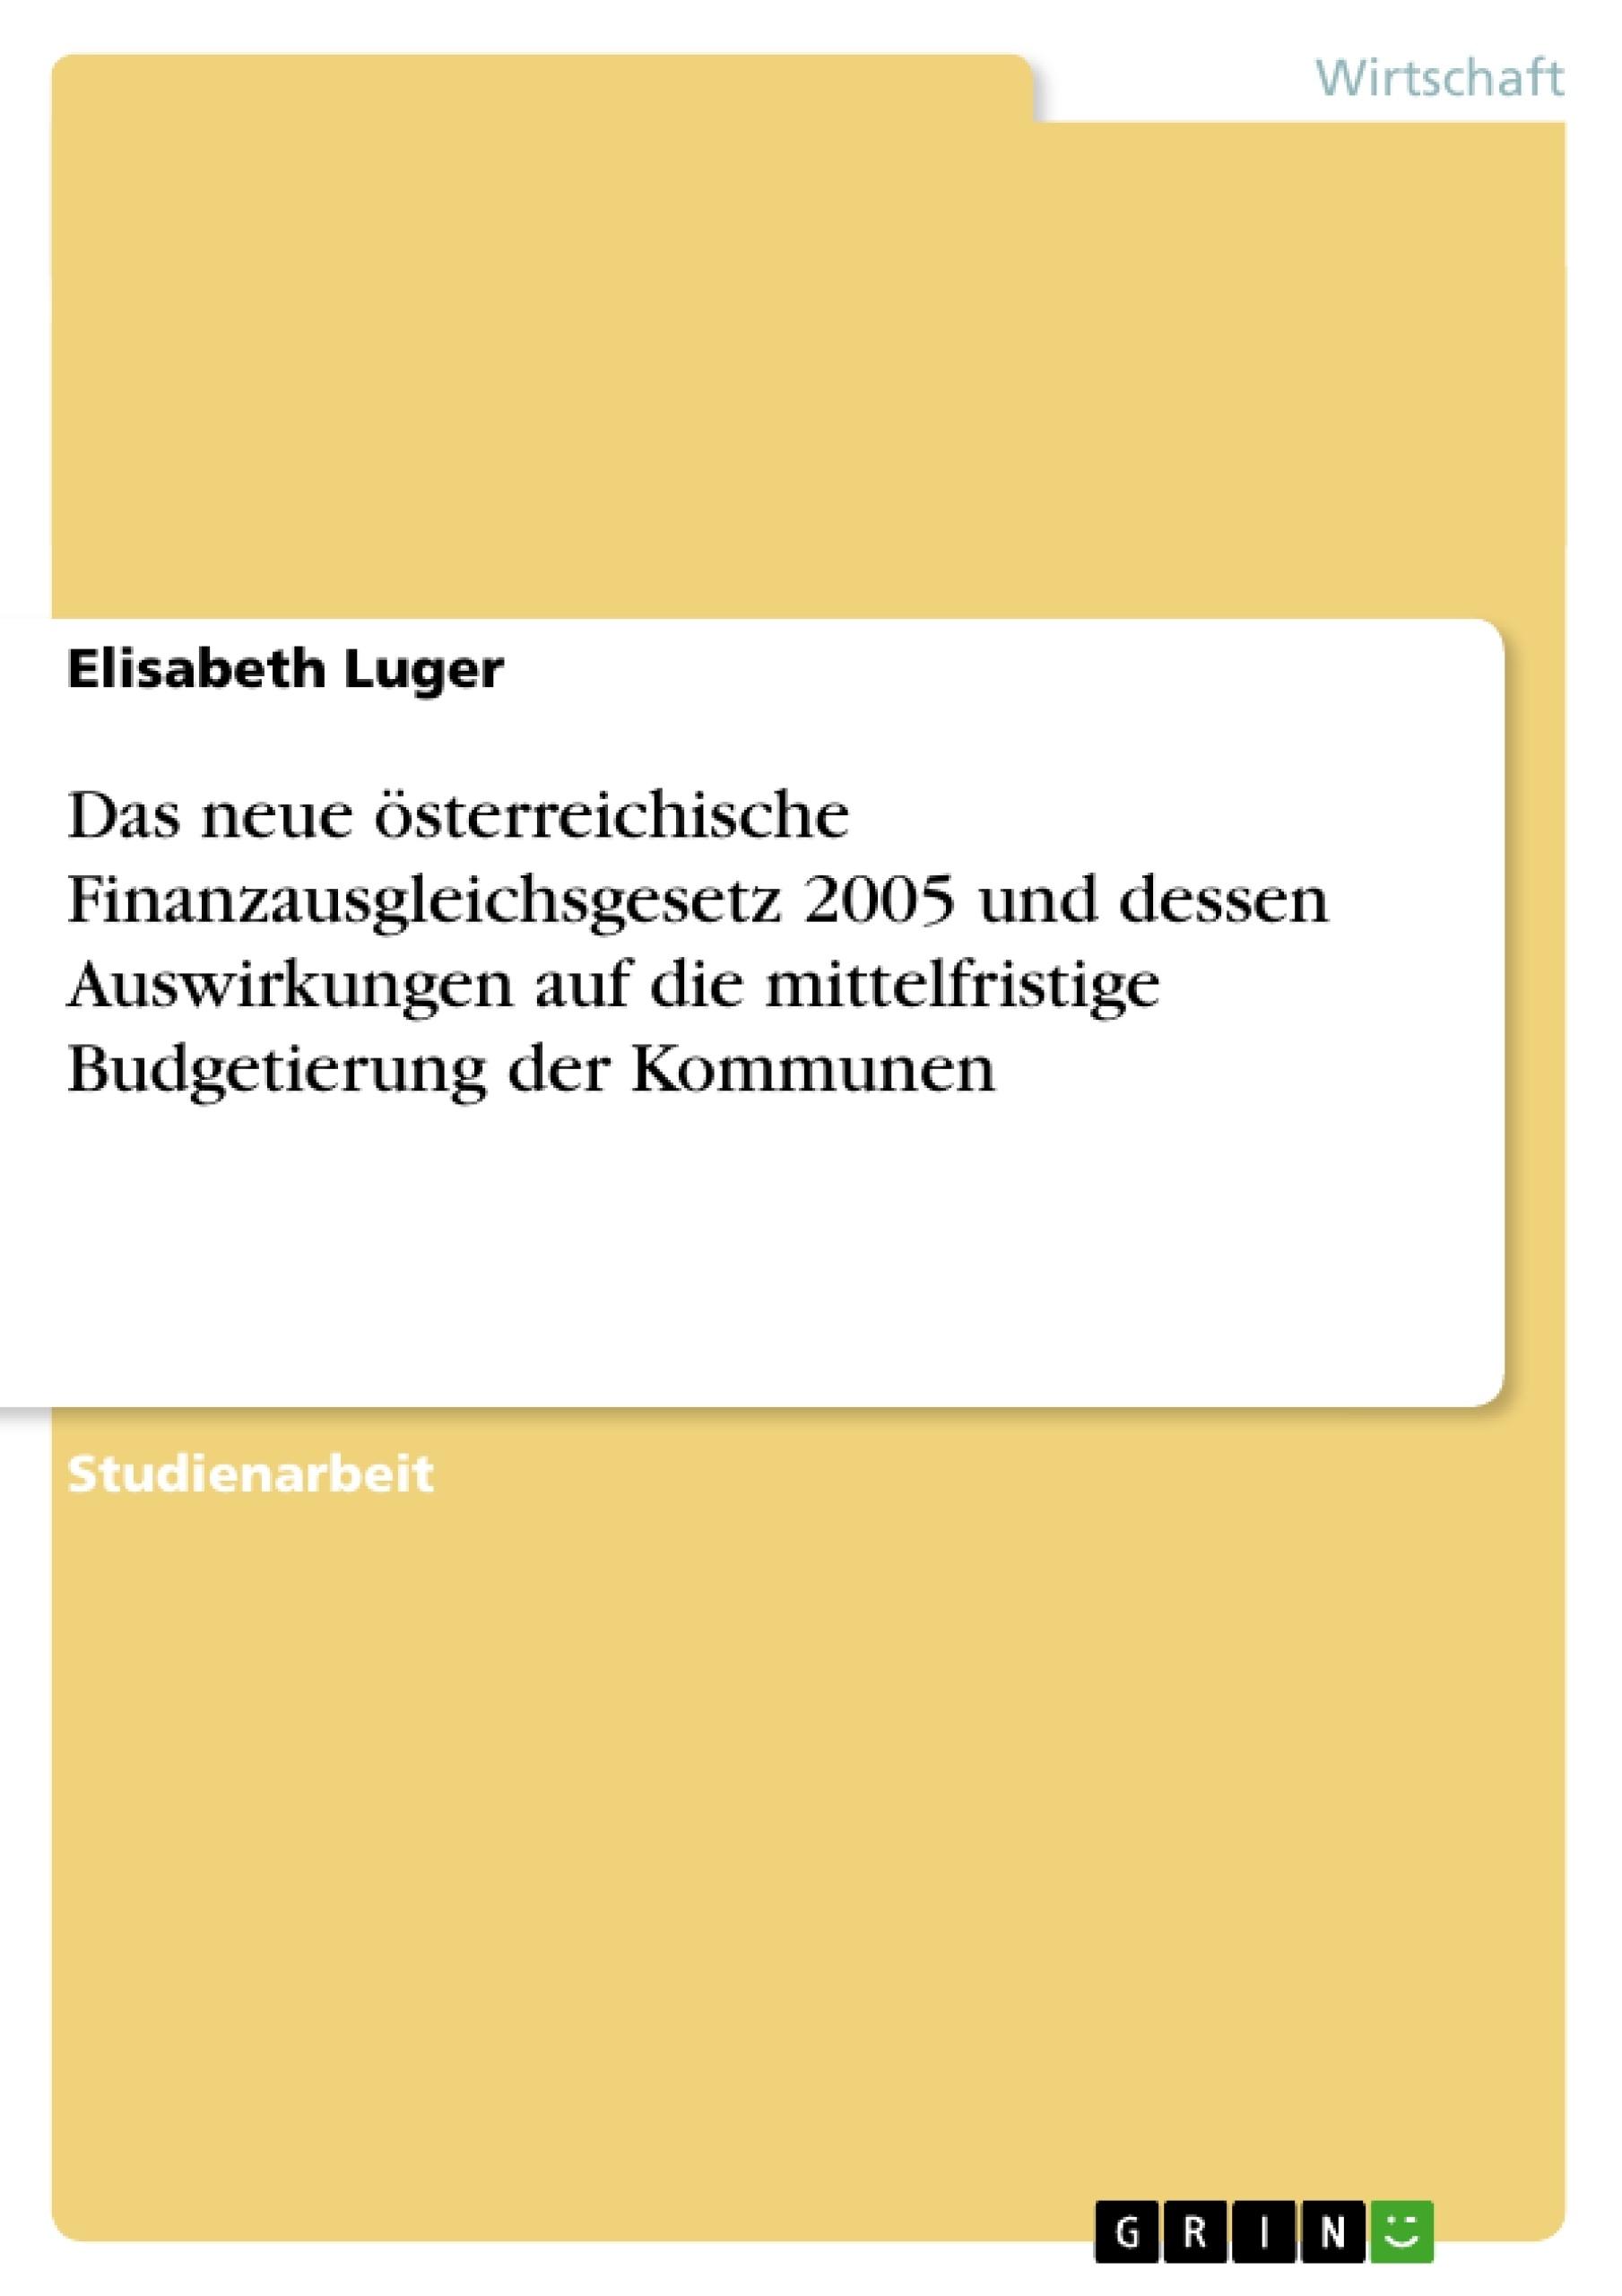 Titel: Das neue österreichische Finanzausgleichsgesetz 2005 und dessen Auswirkungen auf die mittelfristige Budgetierung der Kommunen